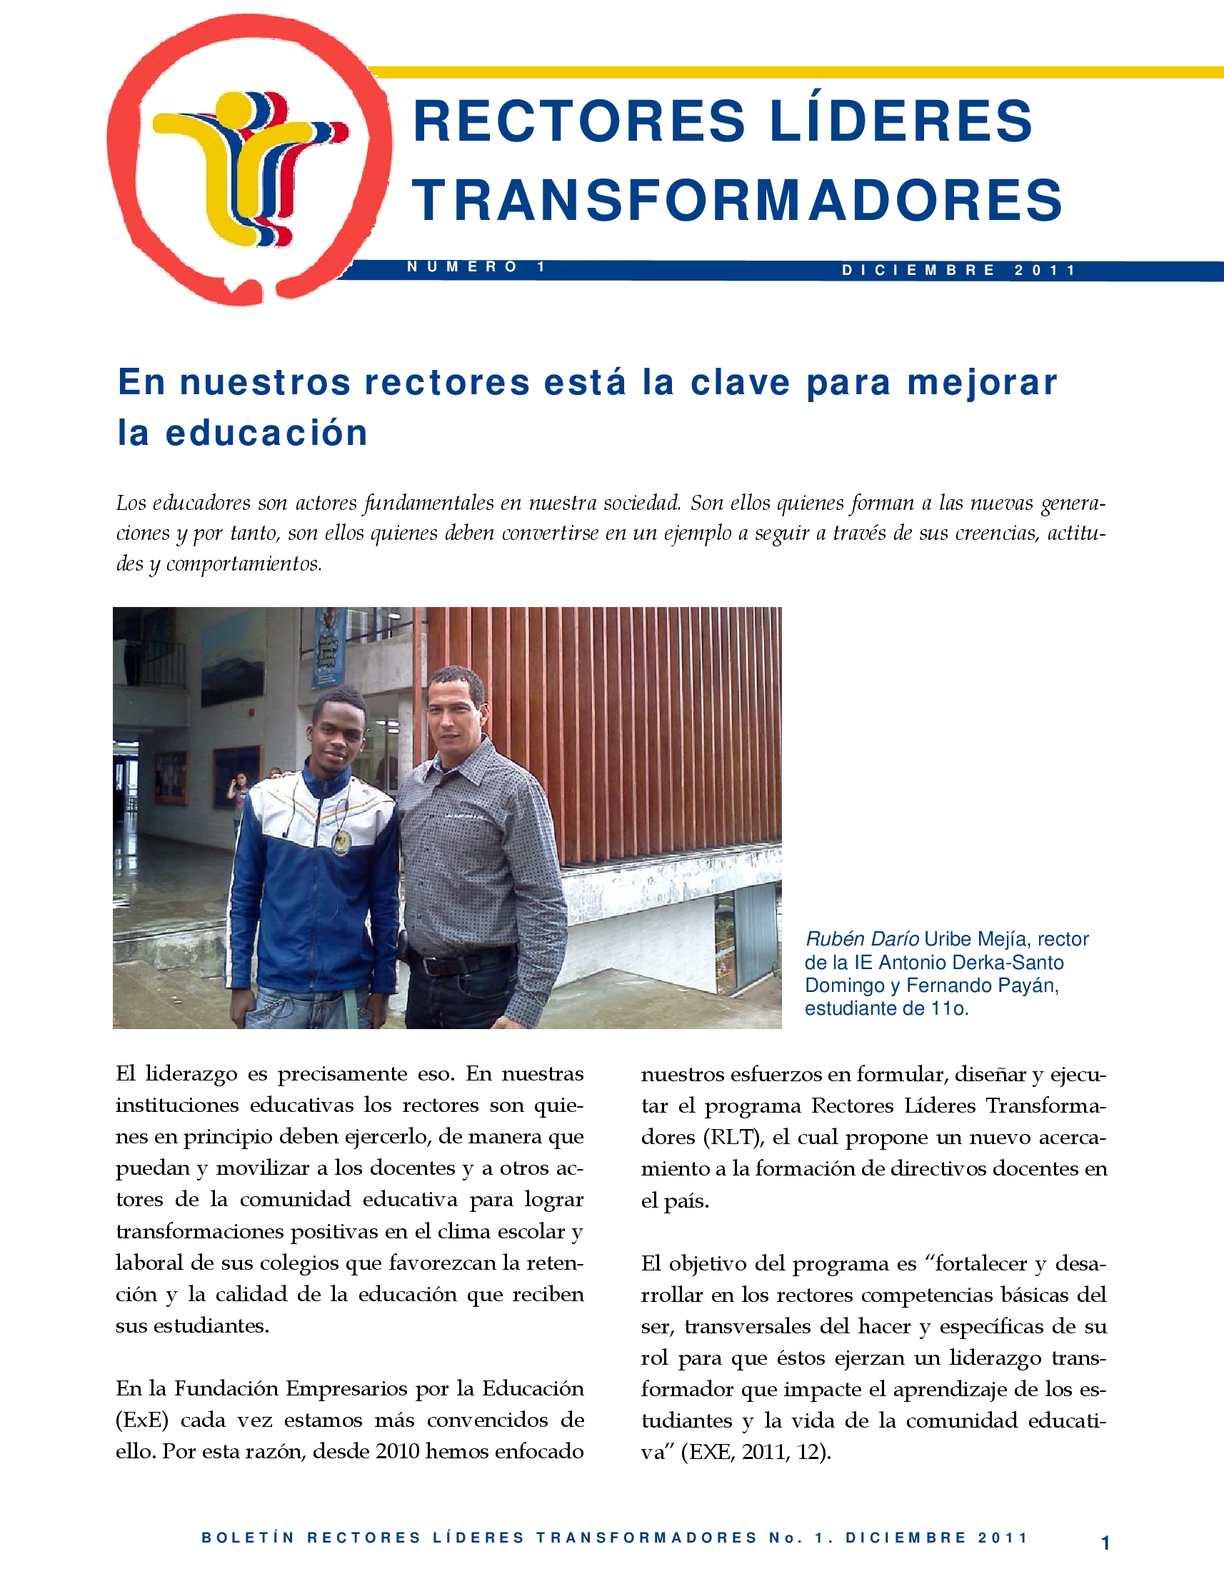 Calaméo - Boletín número 1 del Programa Líderes transformadores